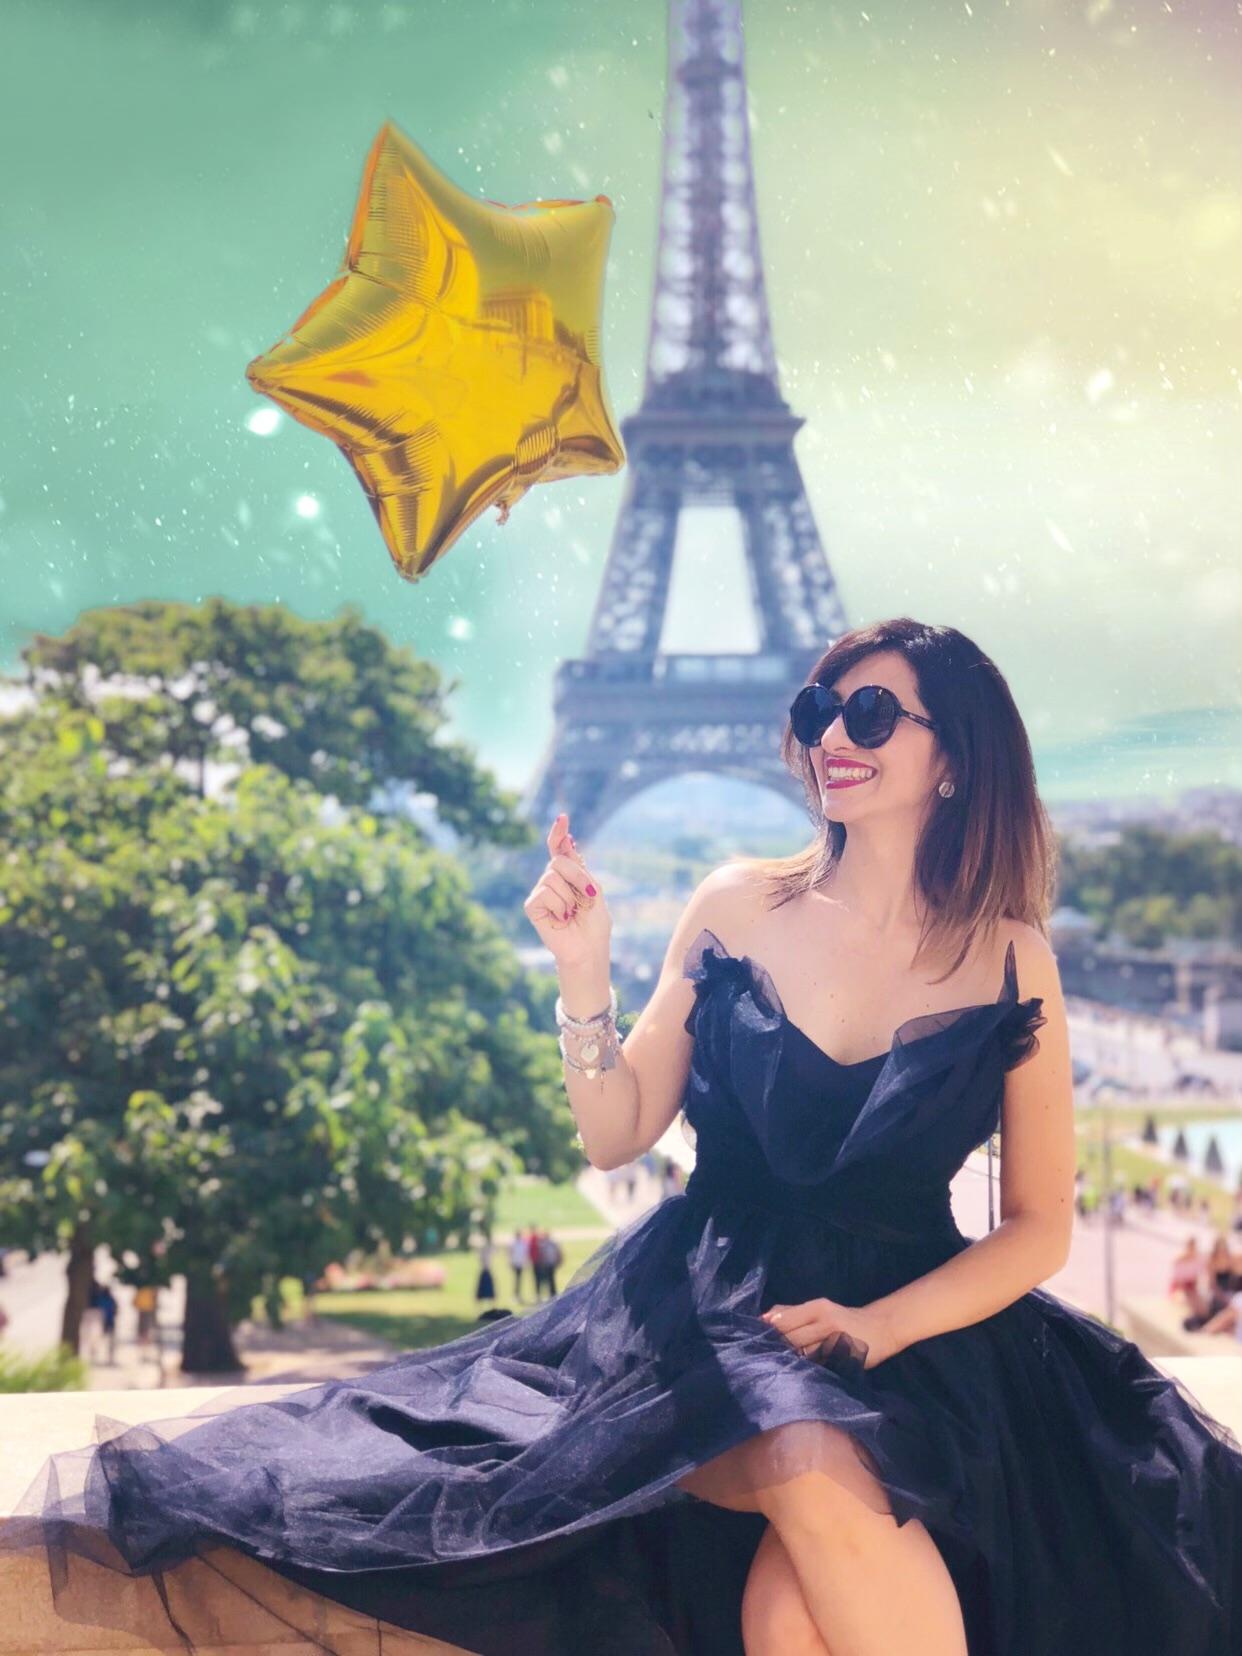 Io e Paris, colpo di fulmine - abito di Alberta Ferretti, trou eiffel, eiffel tower, paris dramer, paris travel, paris ma ville,